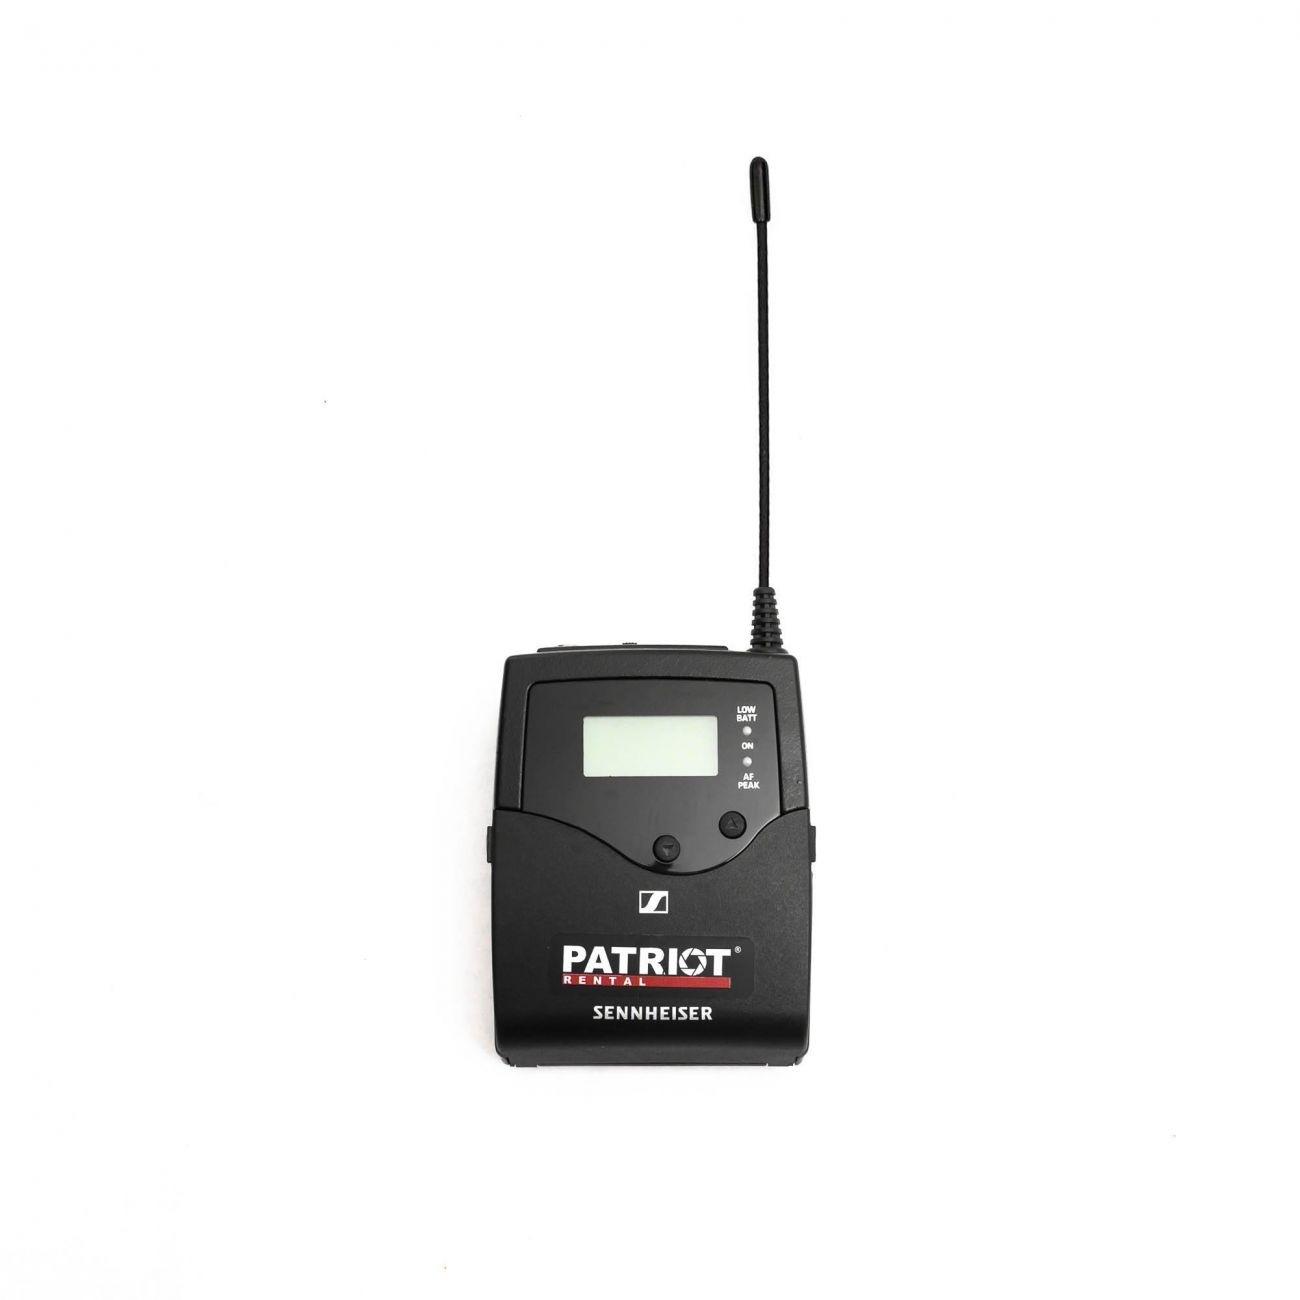 Bodypack transmitter Sennheiser SK 500 G4 PR (558-626MHz)